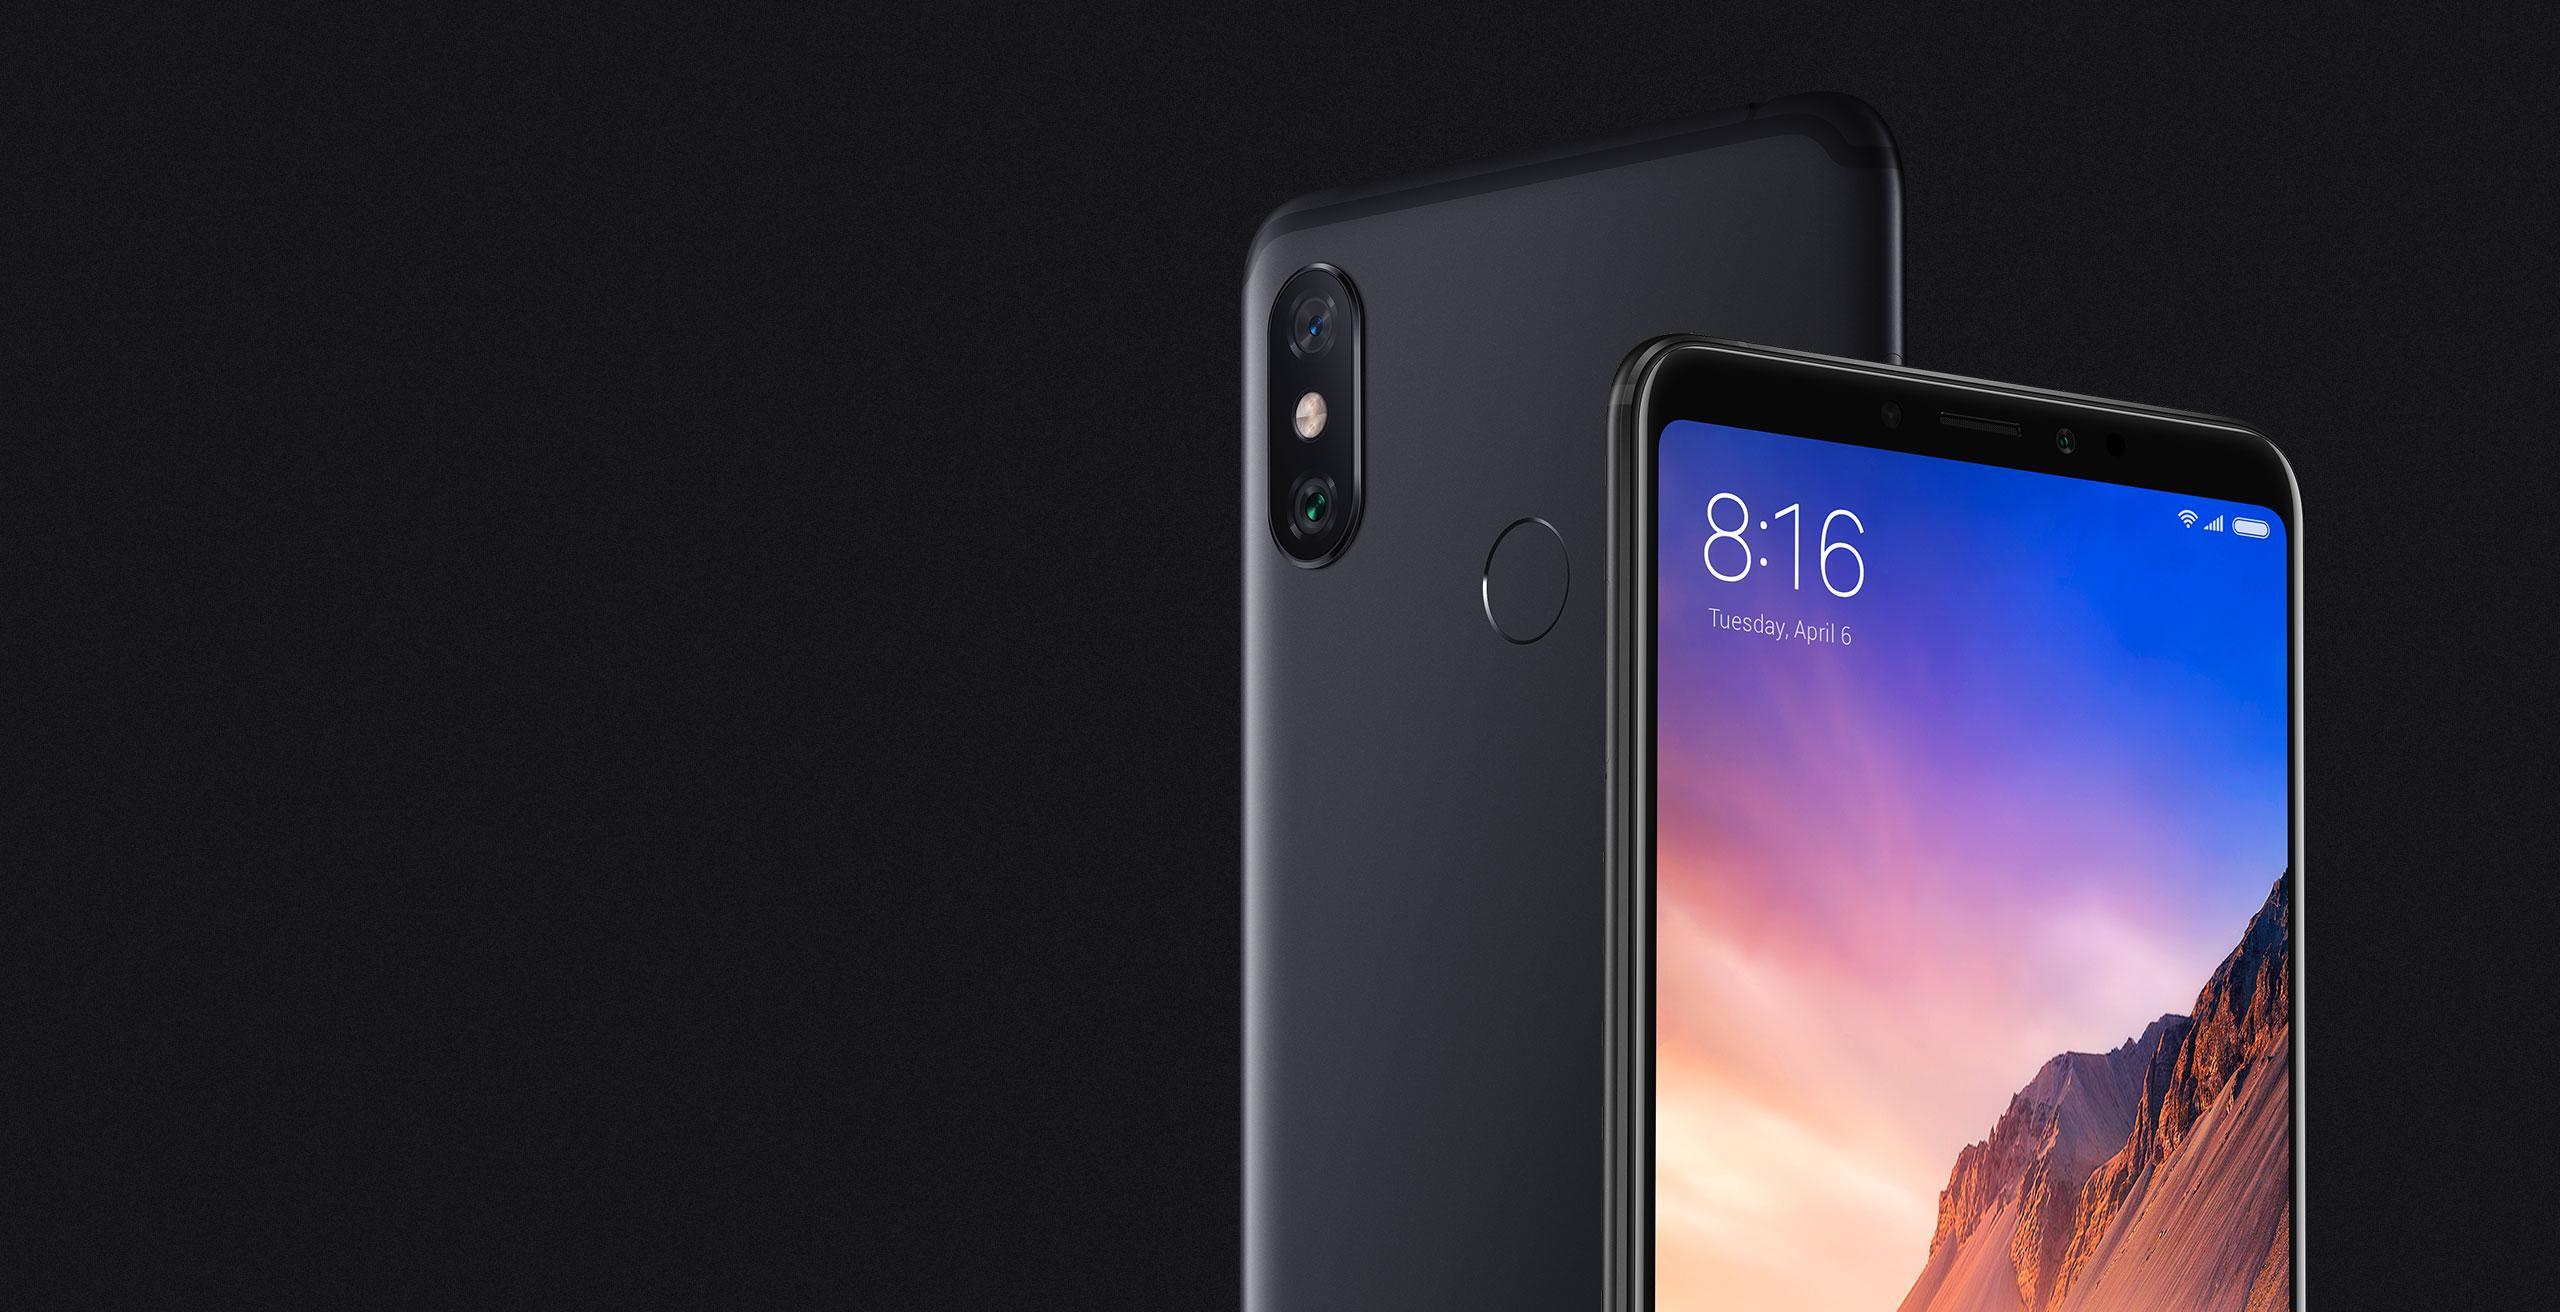 هاتف Xiaomi Mi Max 3 وهاتف Xiaomi Mi Max 3 Pro